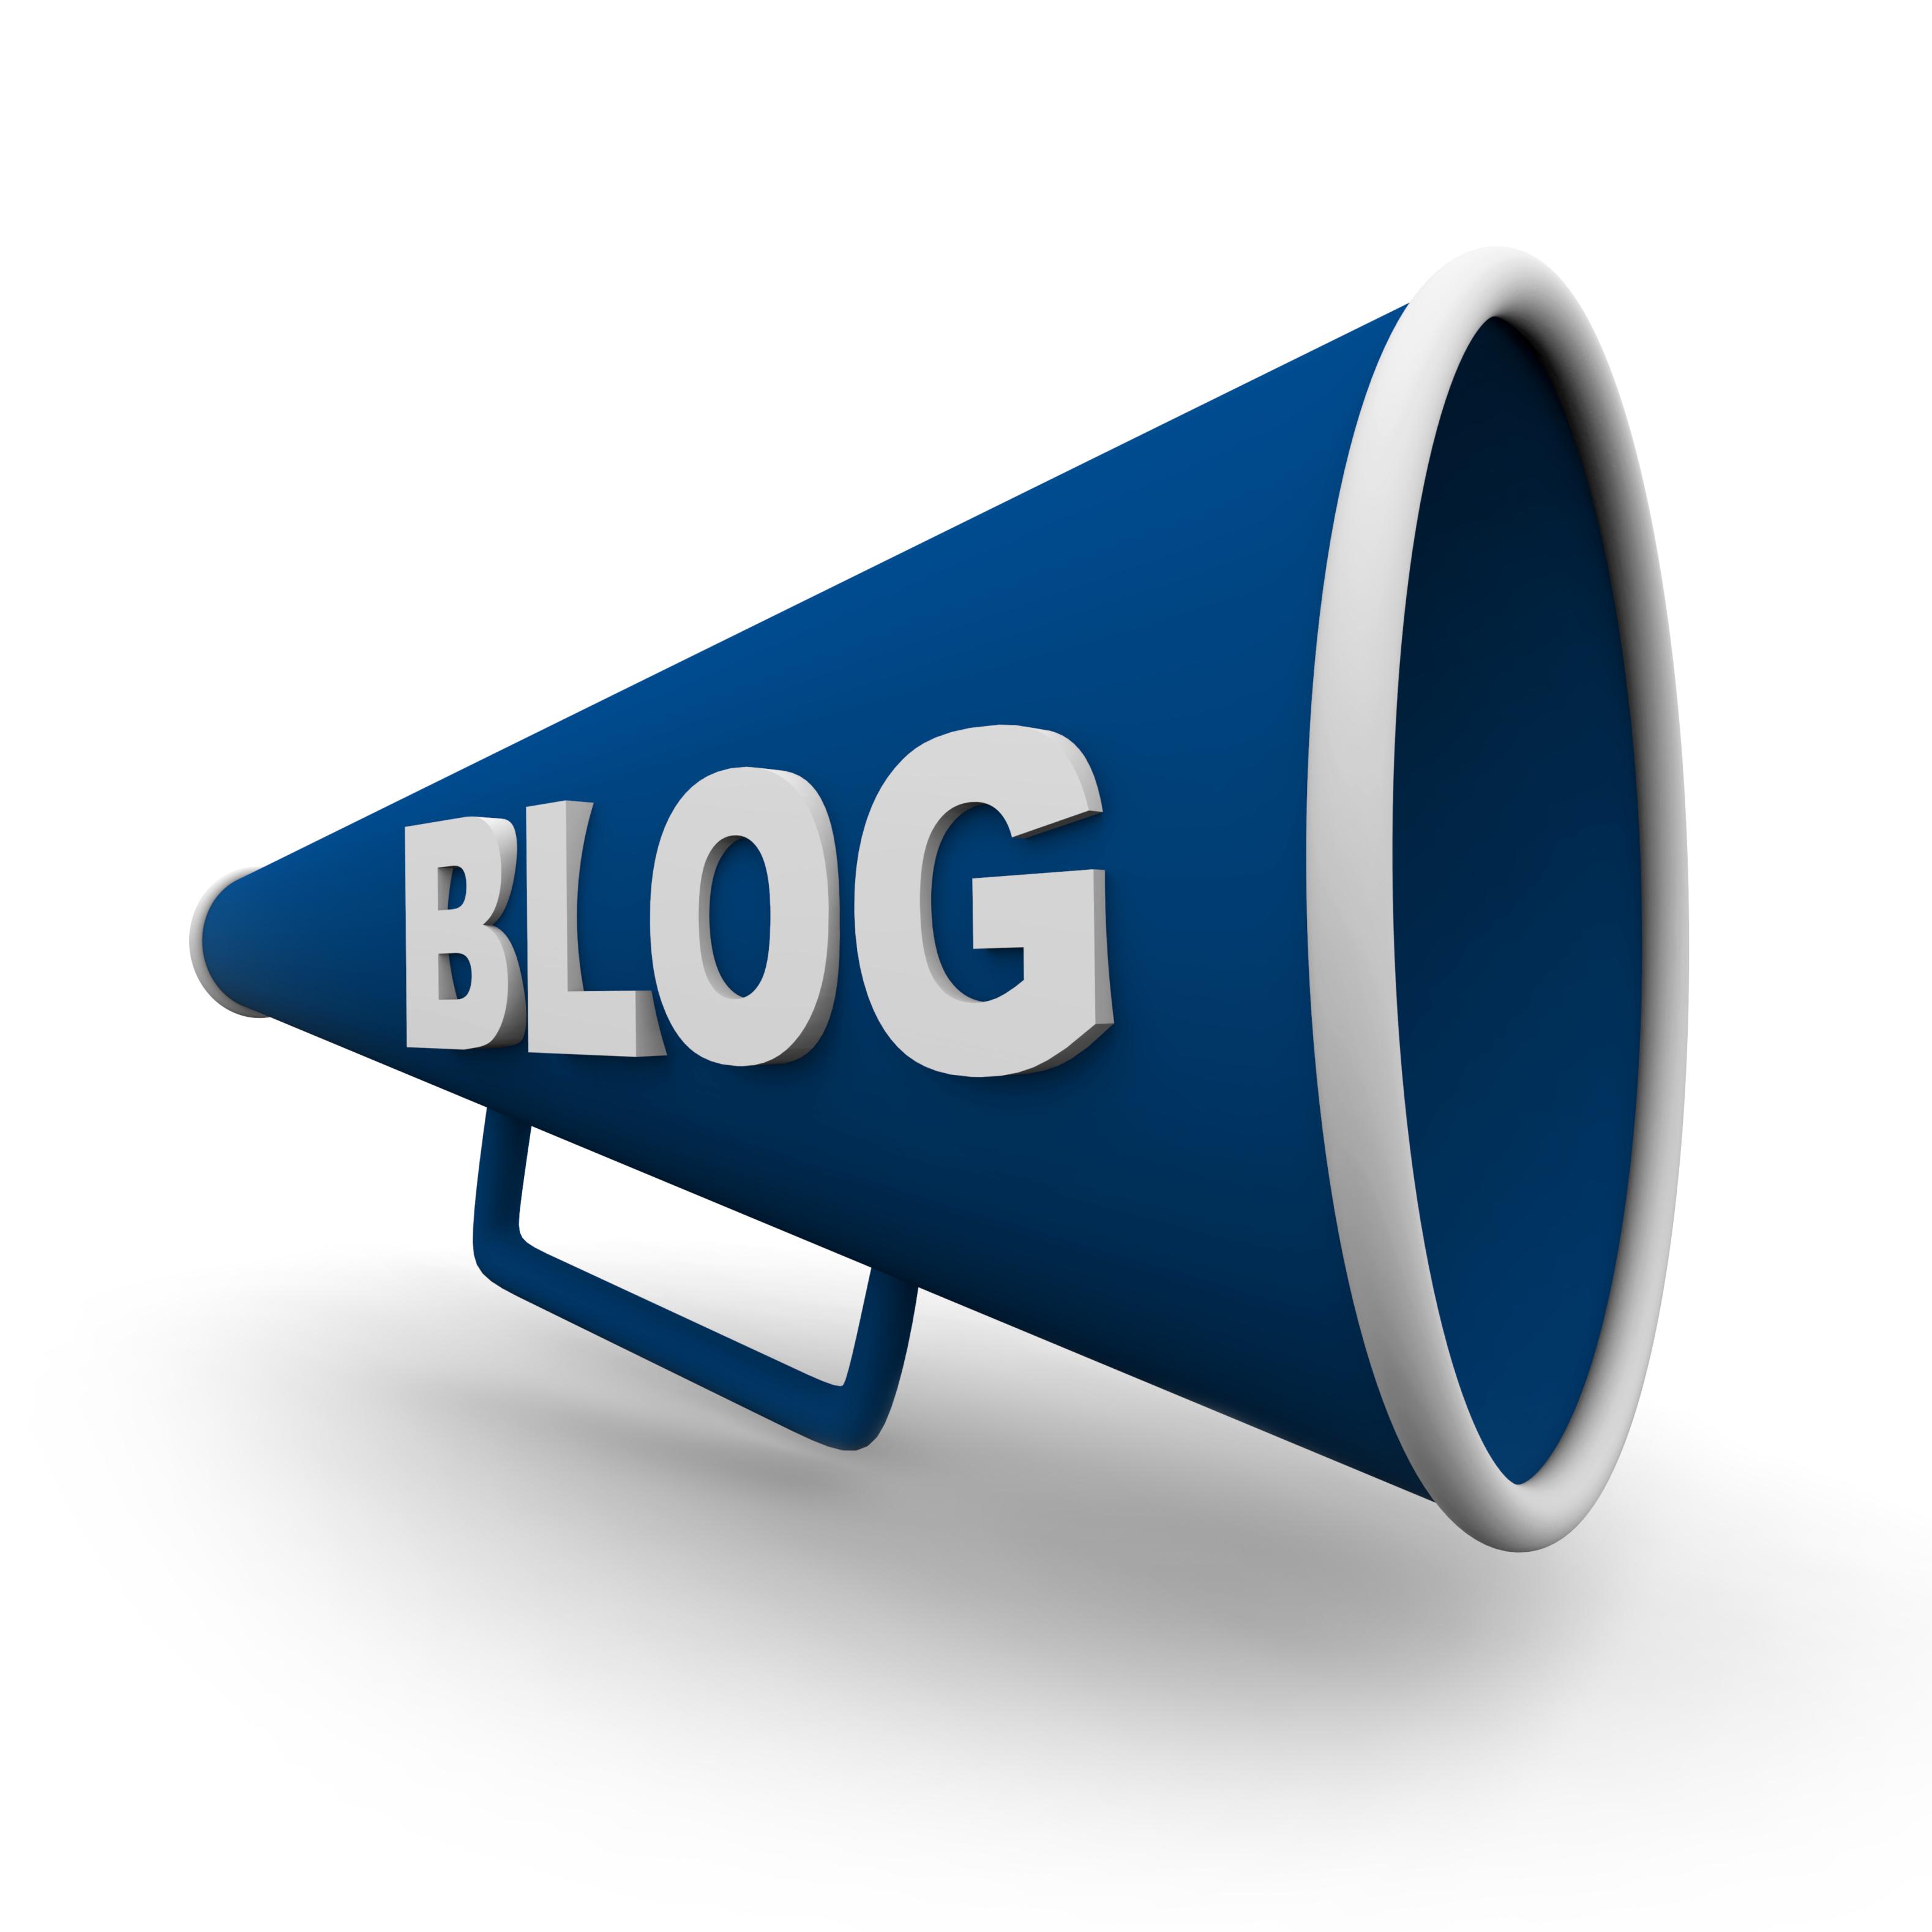 Cómo iniciar un Blog – Guía paso a paso